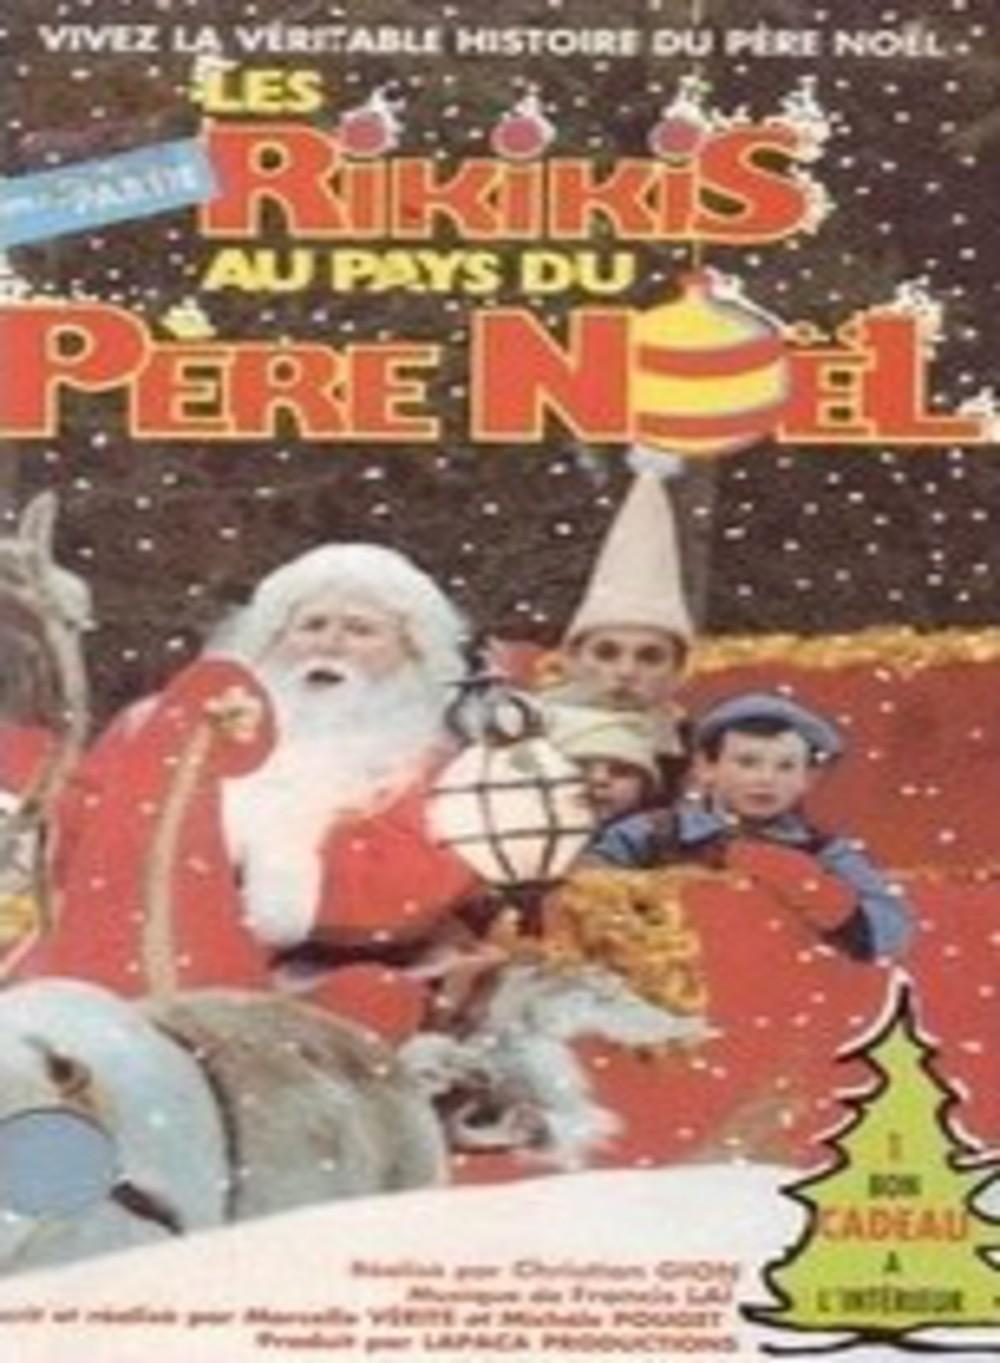 1756_les_rikikis_au_pays_du_pere_noel_3